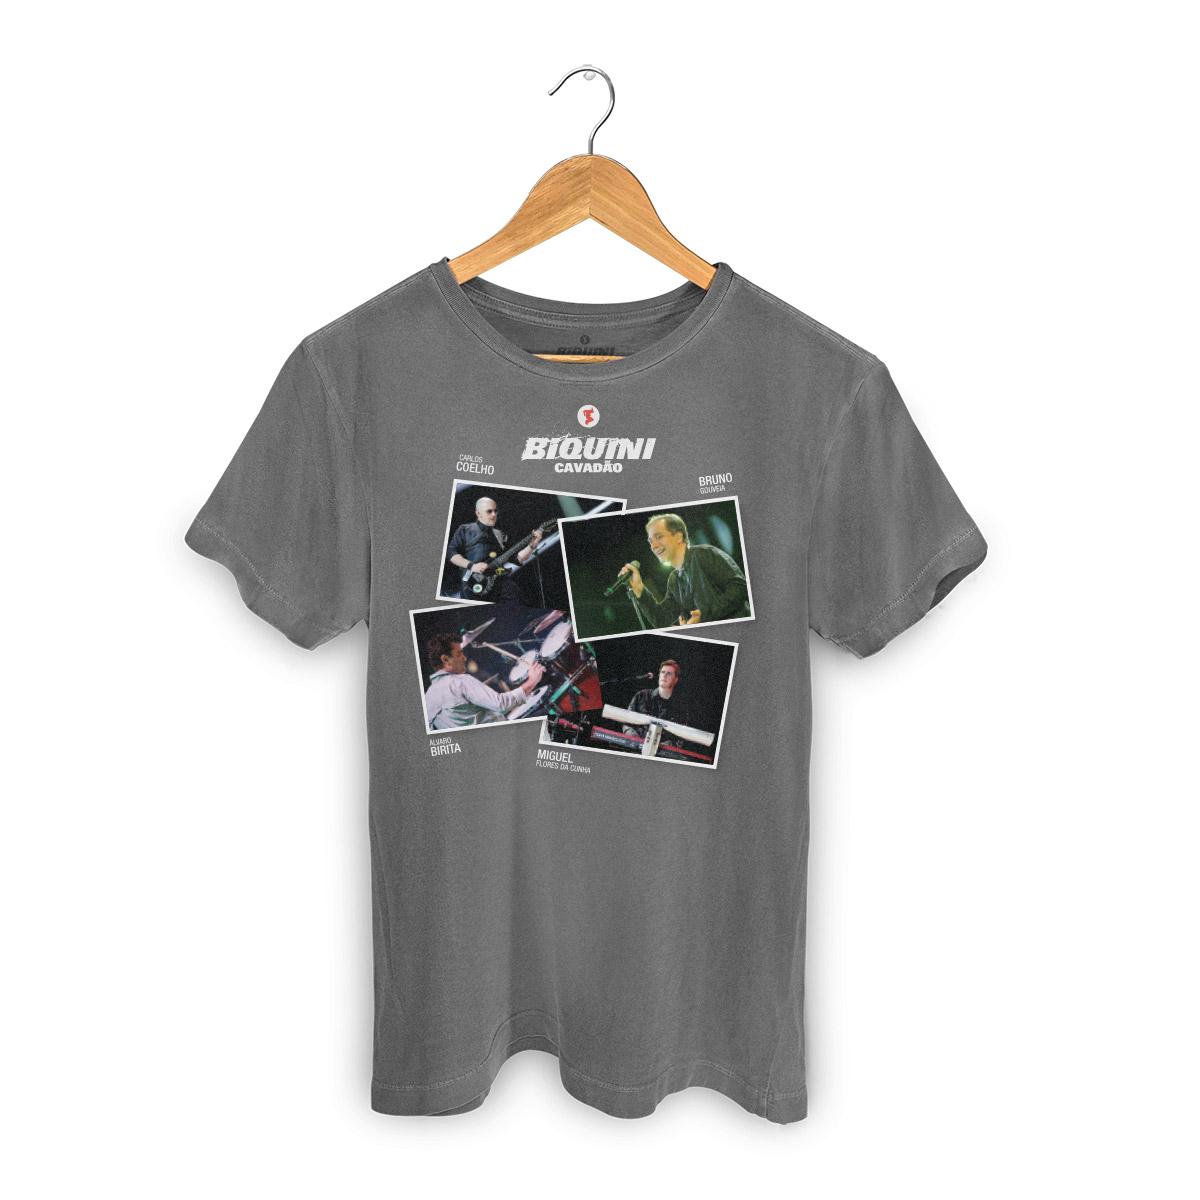 T-shirt Premium Masculina Biquini Cavad�o Fotos